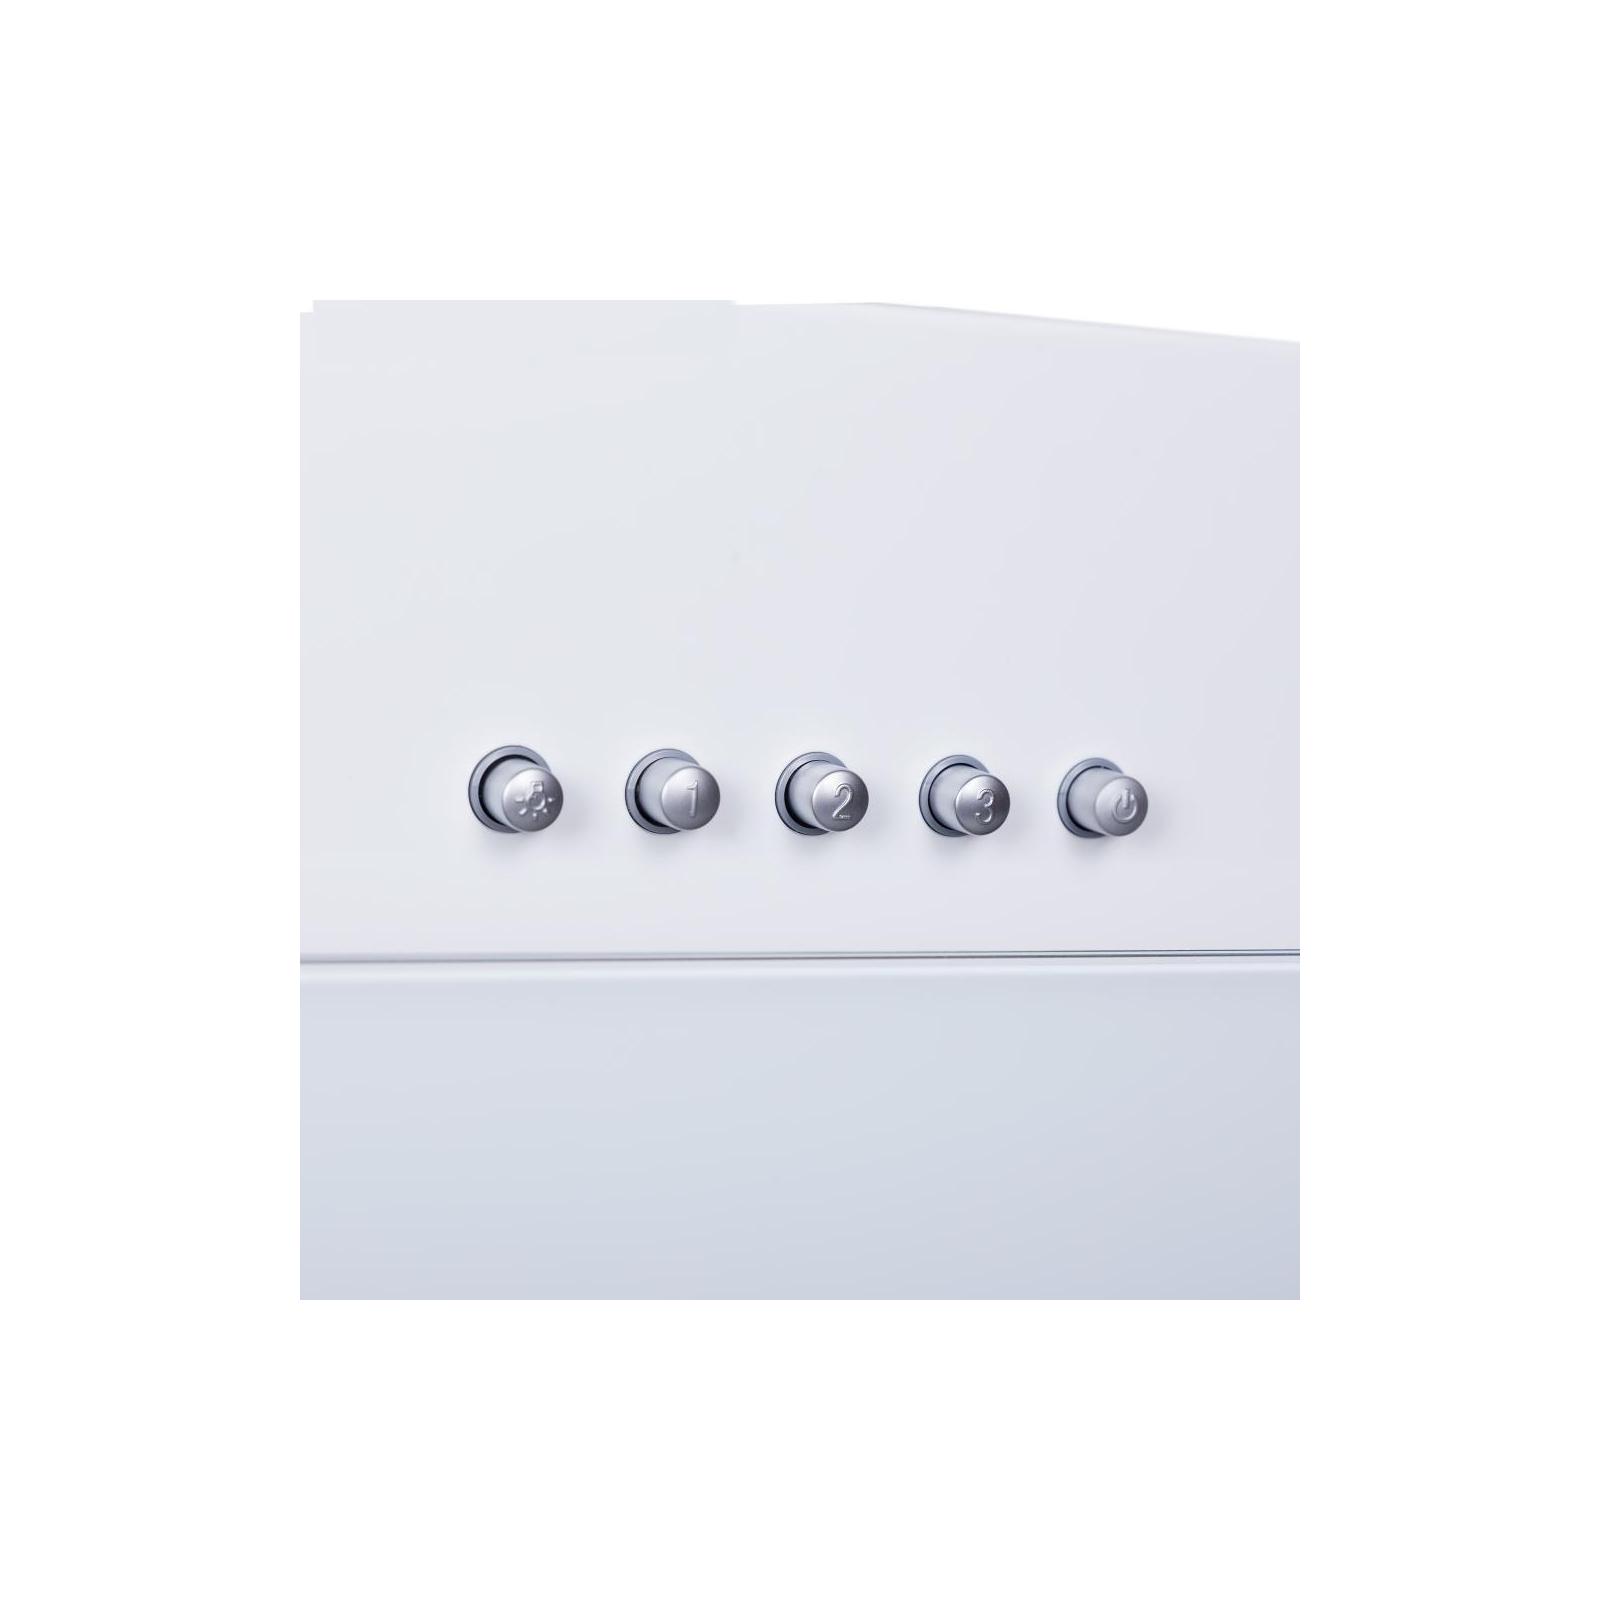 Вытяжка кухонная PERFELLI DN 6671 A 1000 W изображение 3